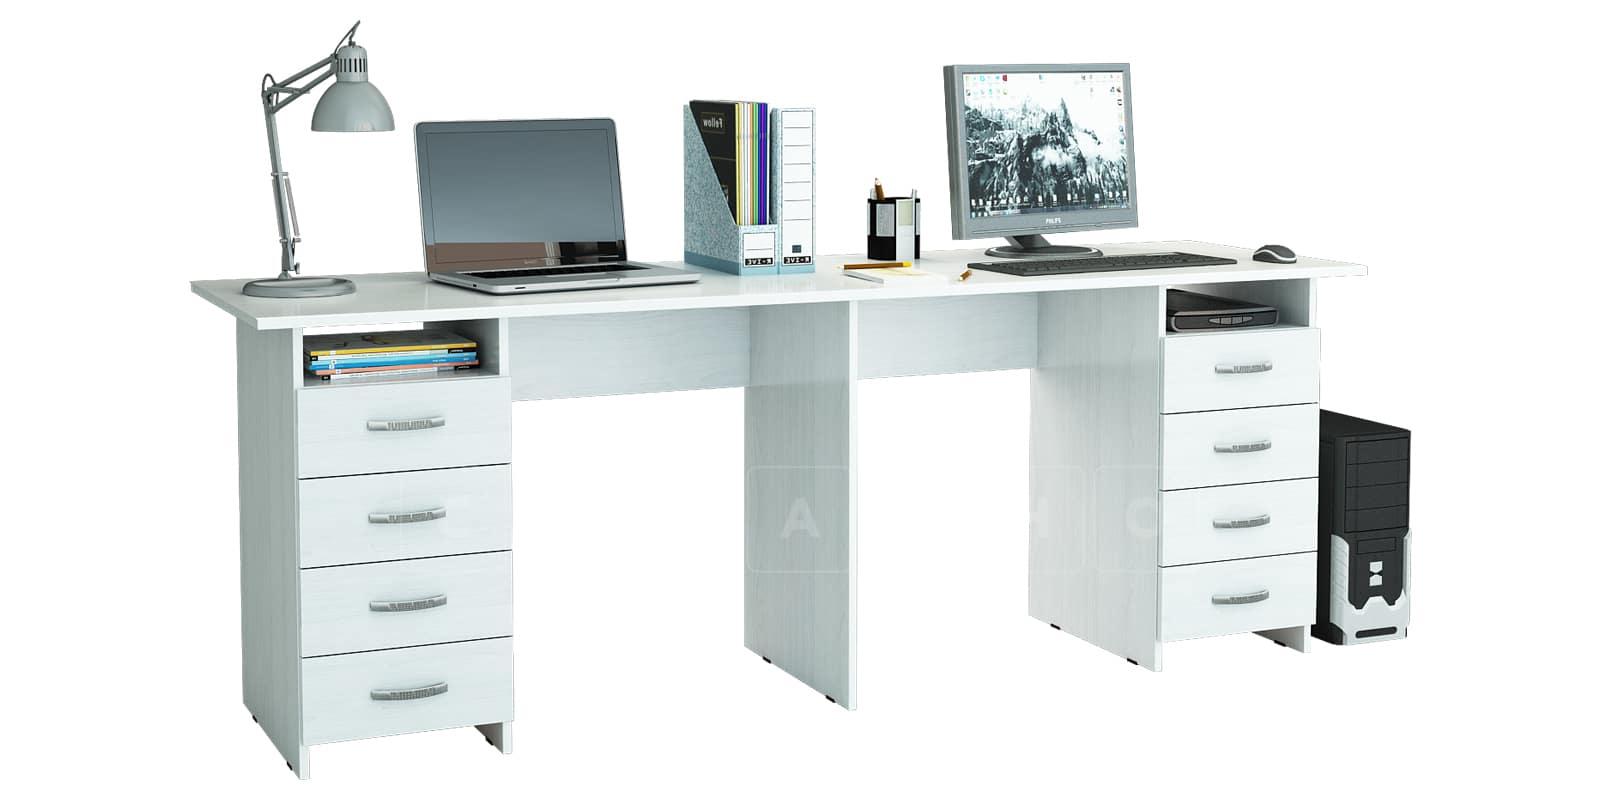 Офисный стол Кейптаун с двумя тумбами фото 1   интернет-магазин Складно